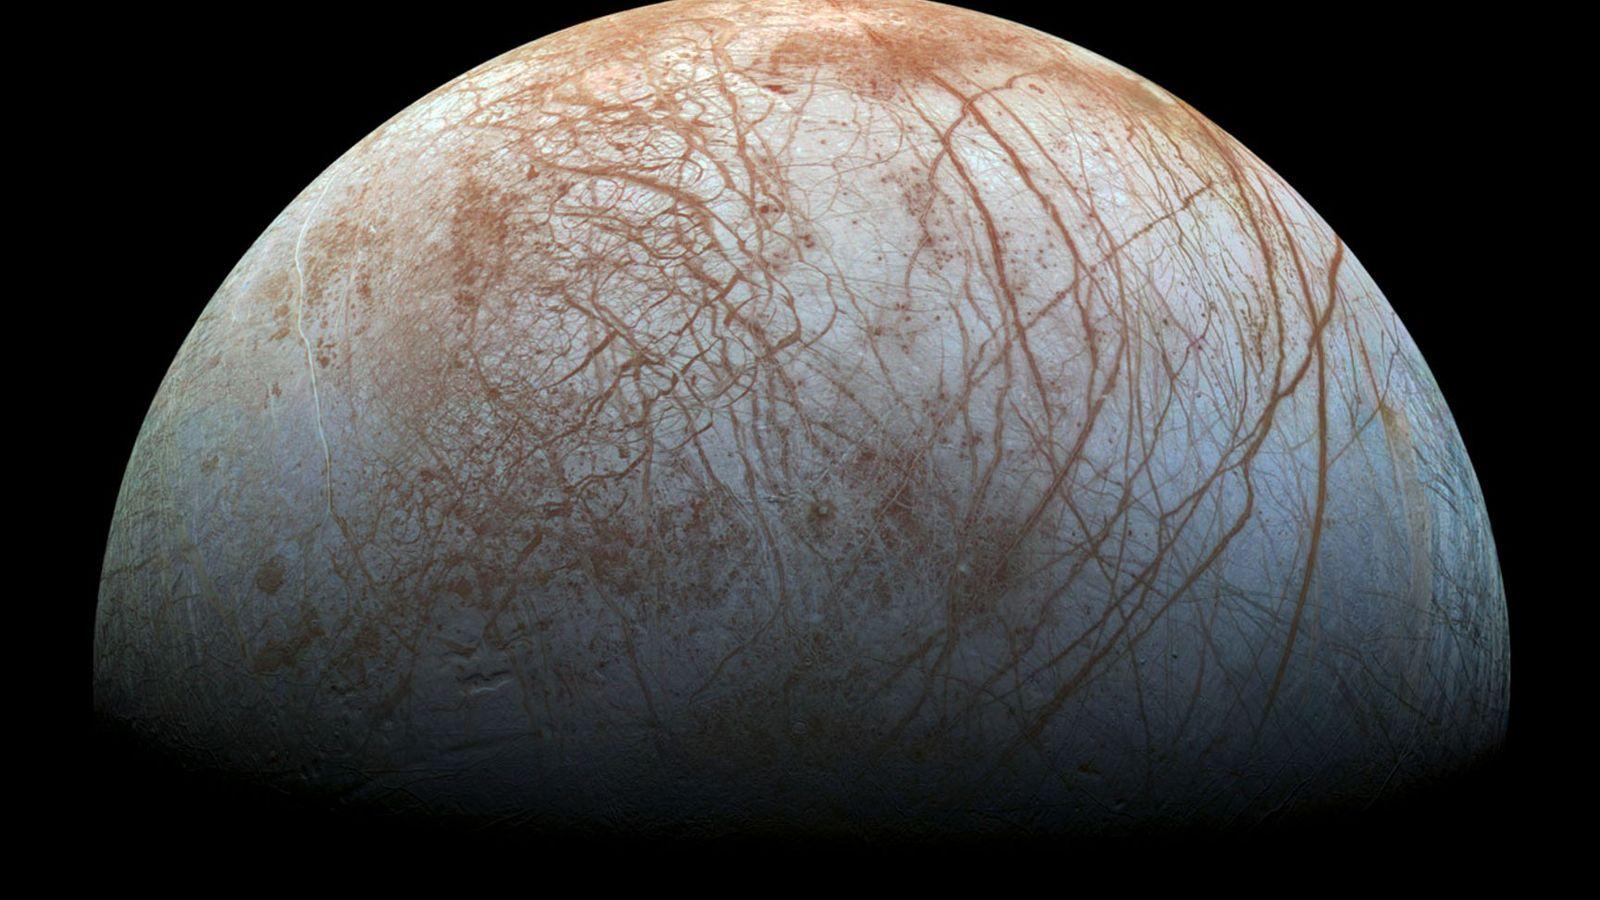 A lua Europa, de Júpiter, é coberta por uma grossa camada de gelo que, por sua ...